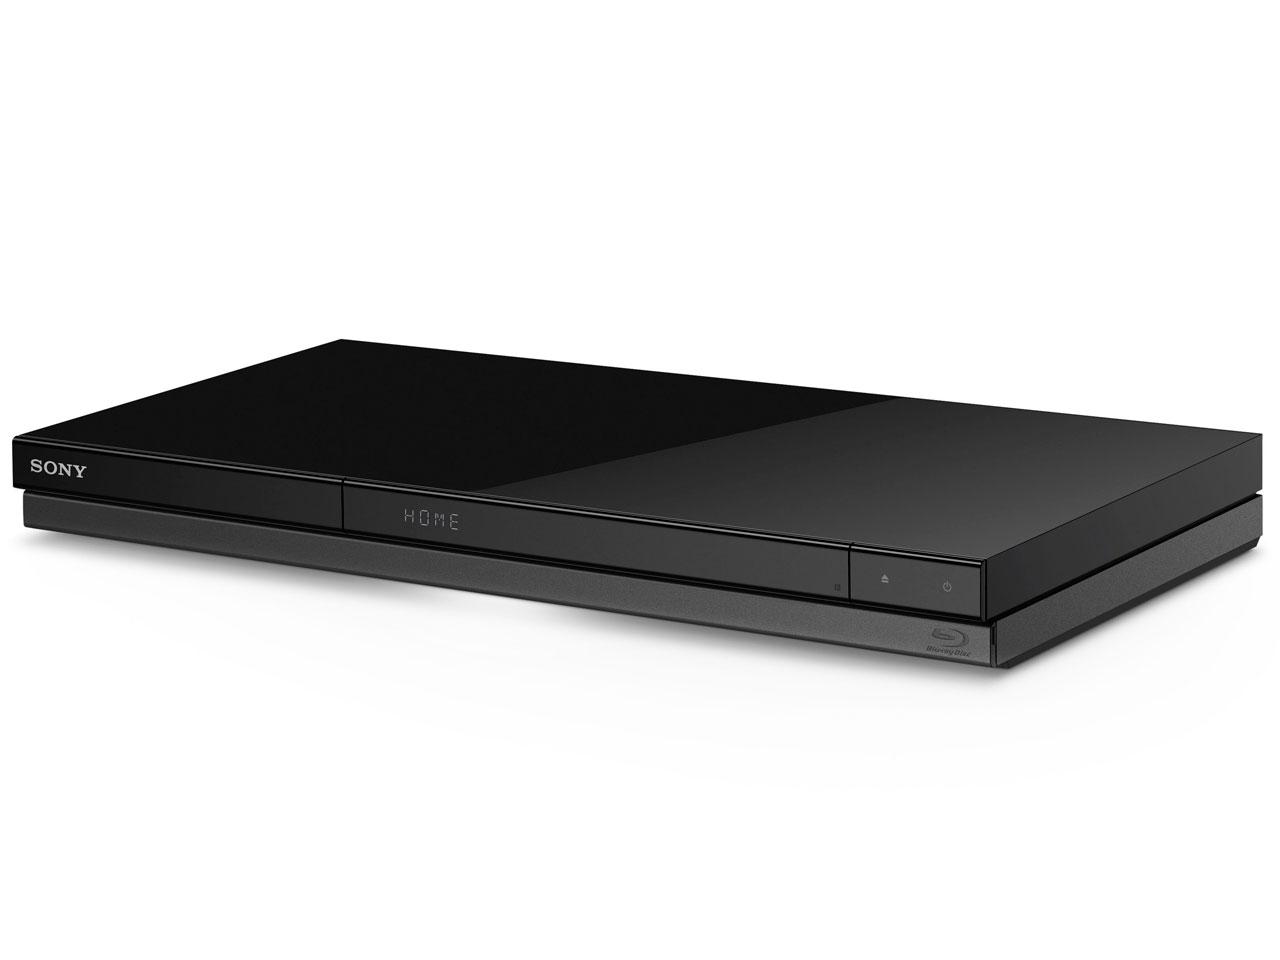 『本体 斜め1』 BDZ-ZW1700 の製品画像